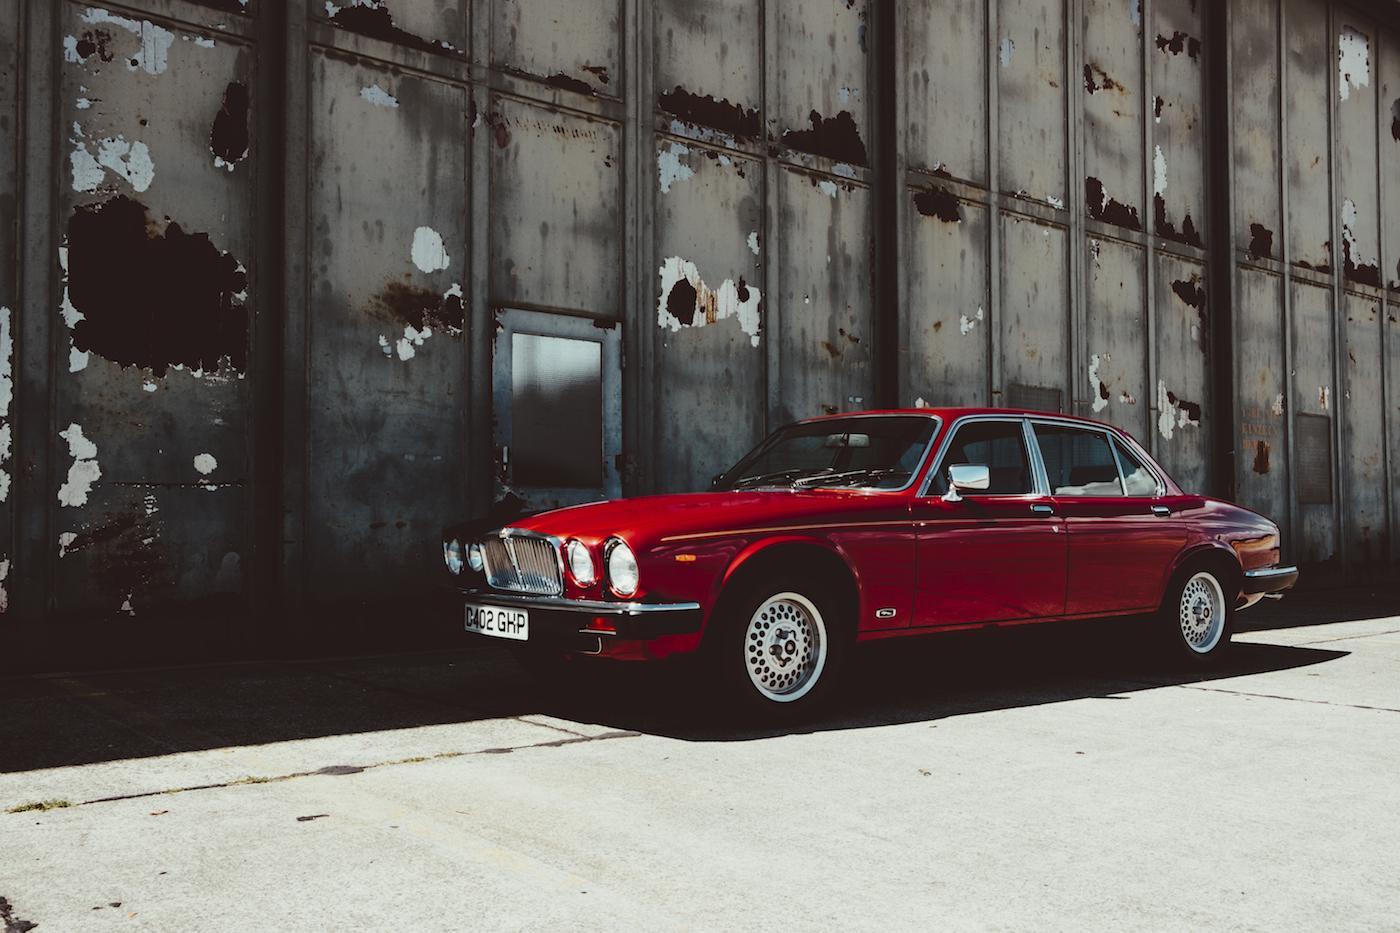 Königlich ausgestattet: 50 Jahre Jaguar XJ 1